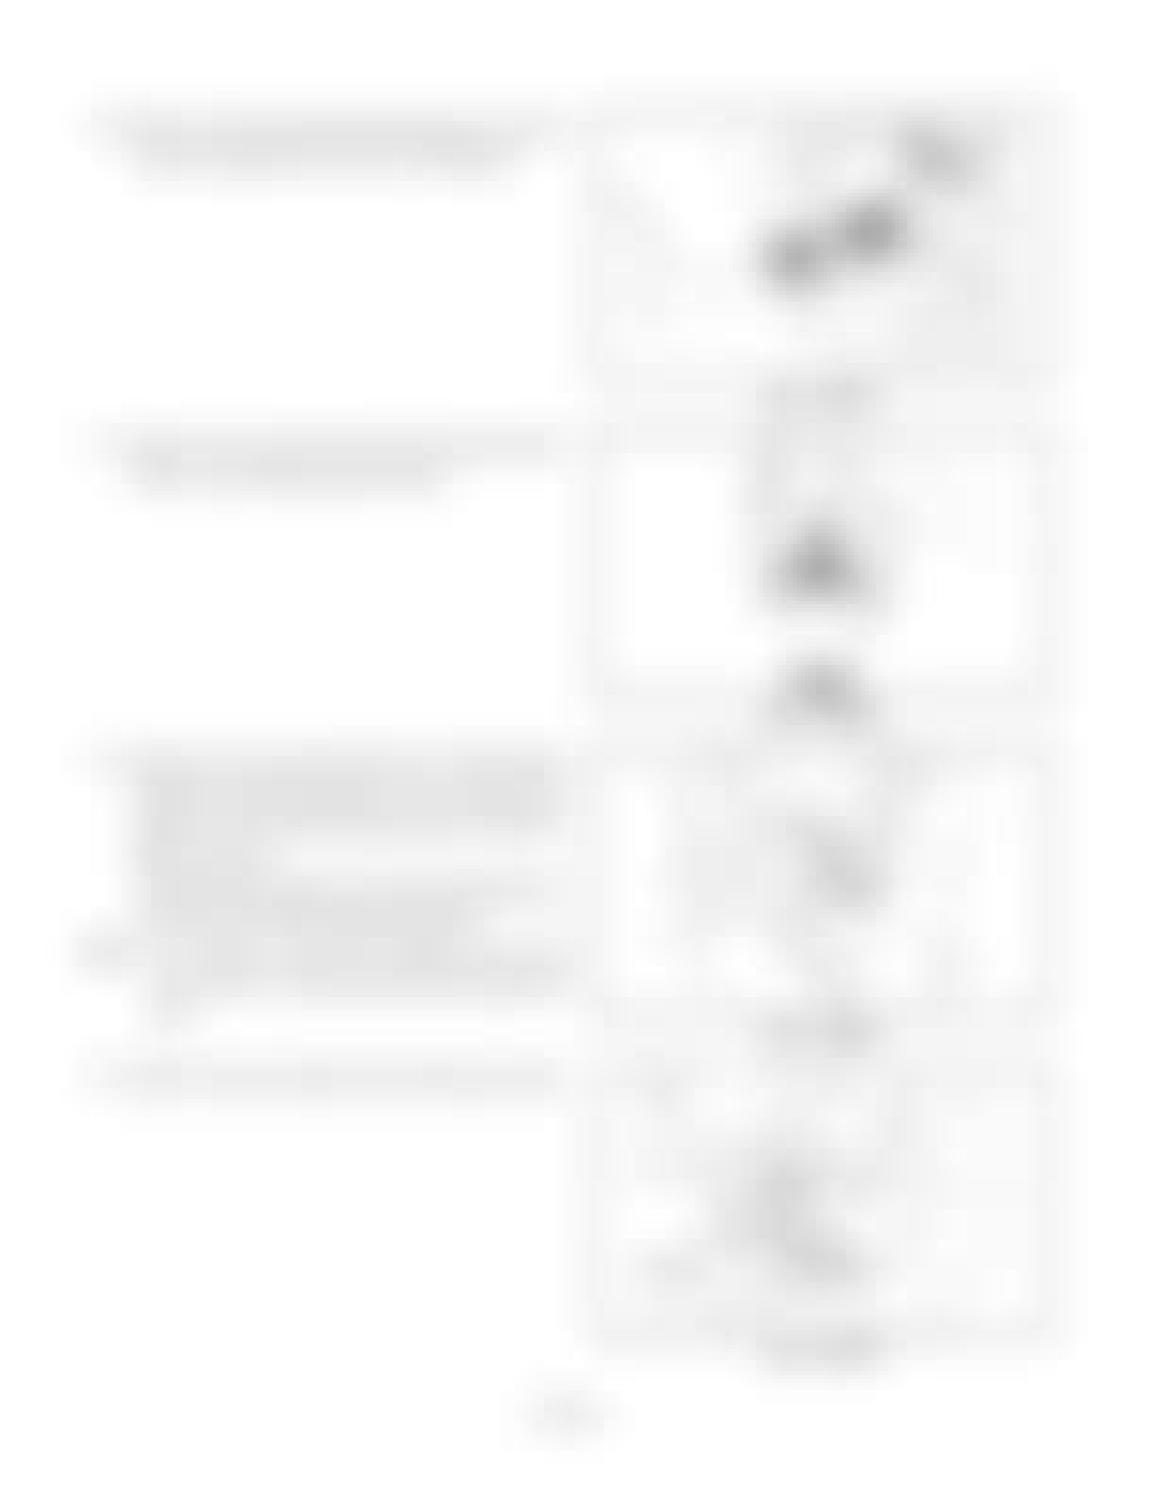 Hitachi LX110-7 LX130-7 LX160-7 LX190-7 LX230-7 Wheel Loader Workshop Manual - PDF DOWNLOAD page 110